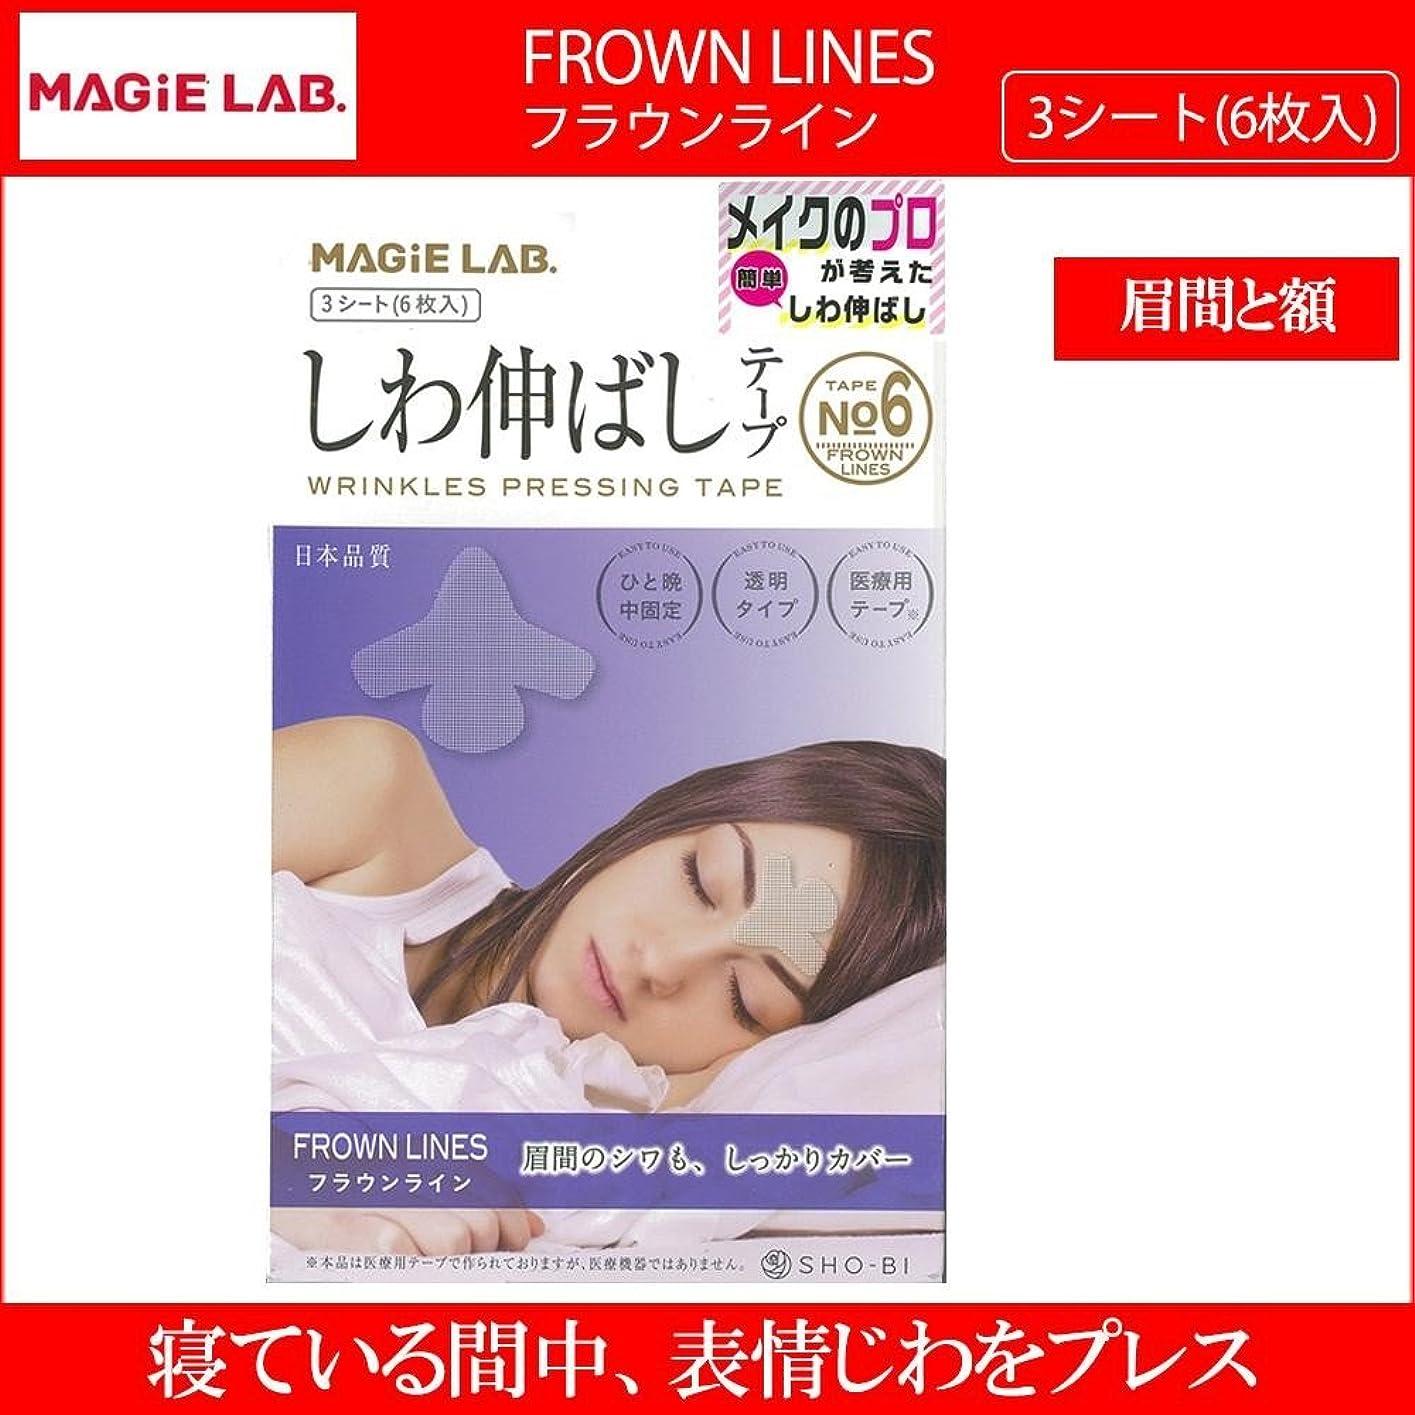 拮抗するマカダム提供MAGiE LAB.(マジラボ) しわ伸ばしテープ NO.6 FROWN LINES(フラウンライン) 3シート(6枚入) MG22150